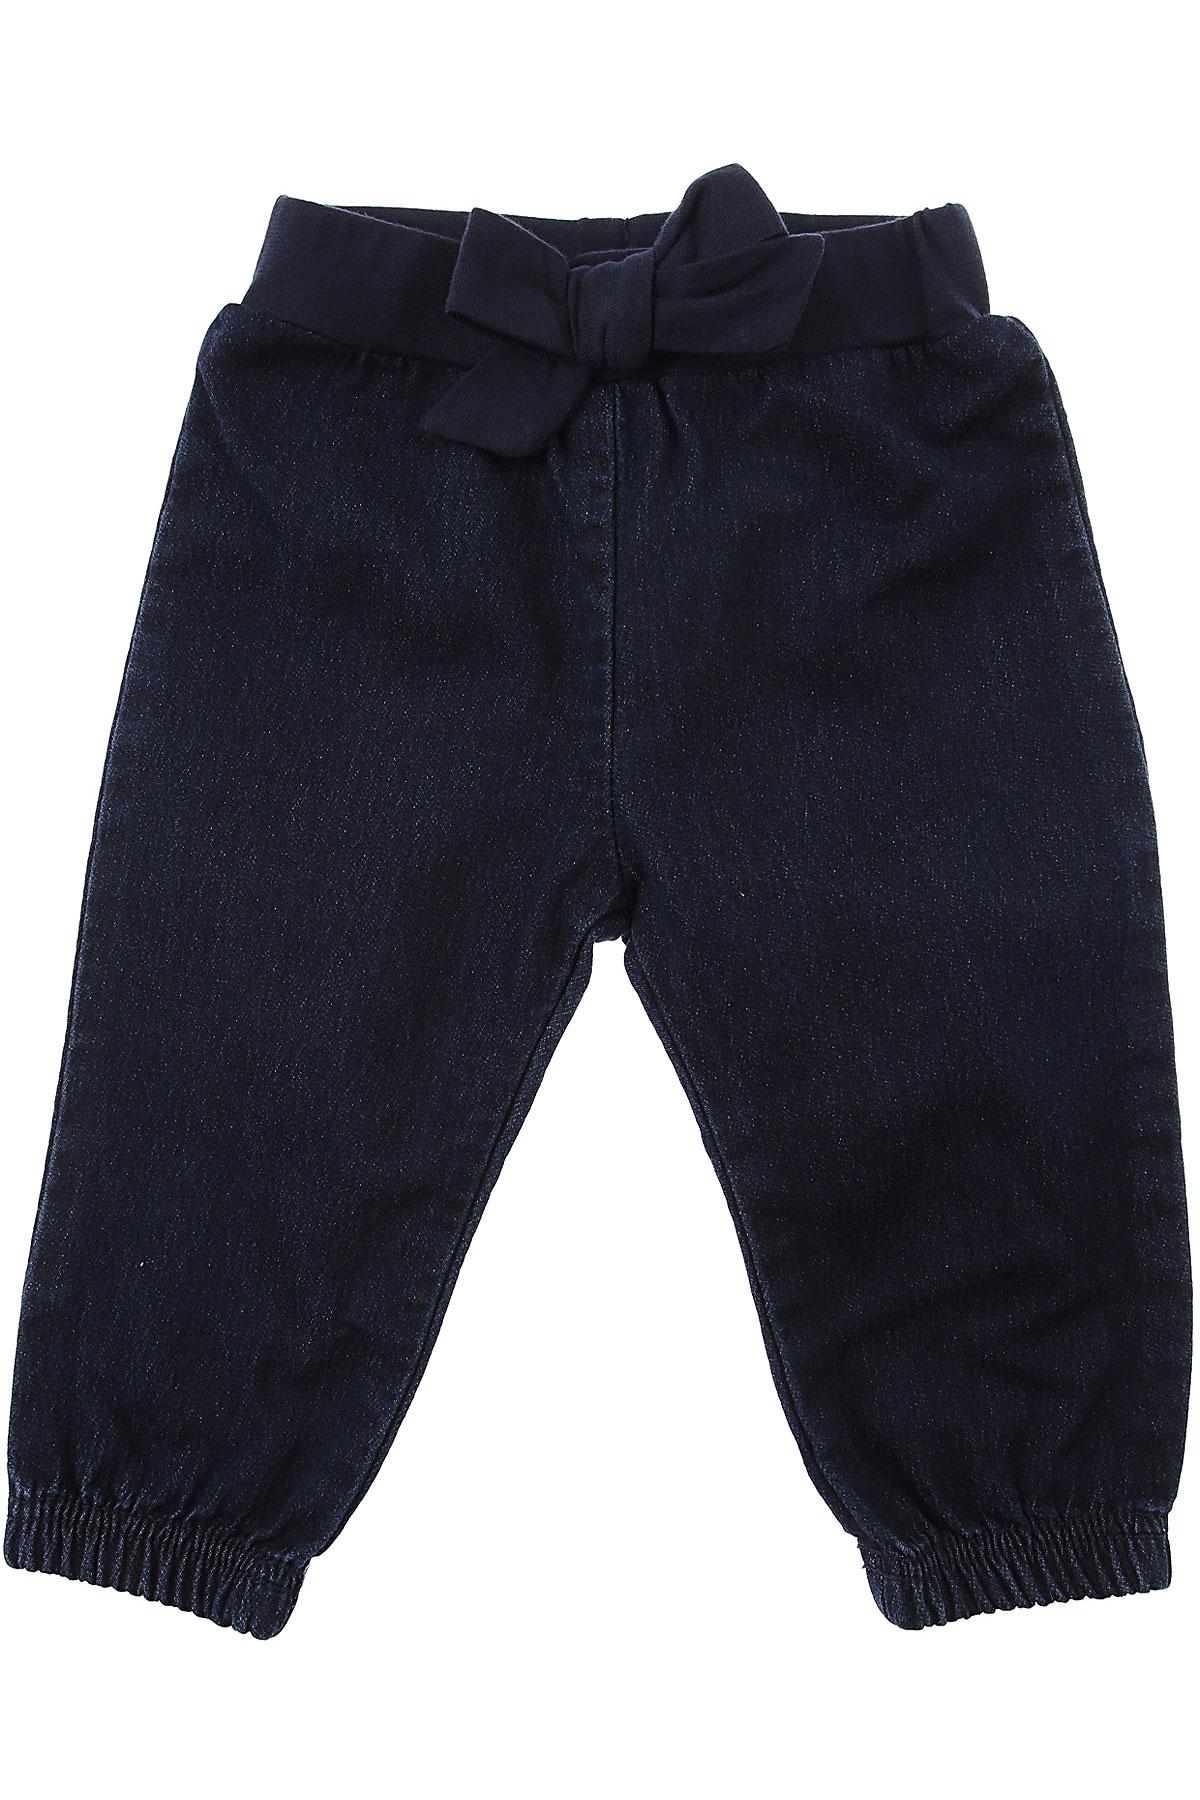 Petit Bateau Baby Pants for Girls On Sale, Blue Denim, Cotton, 2019, 12M 18M 6M